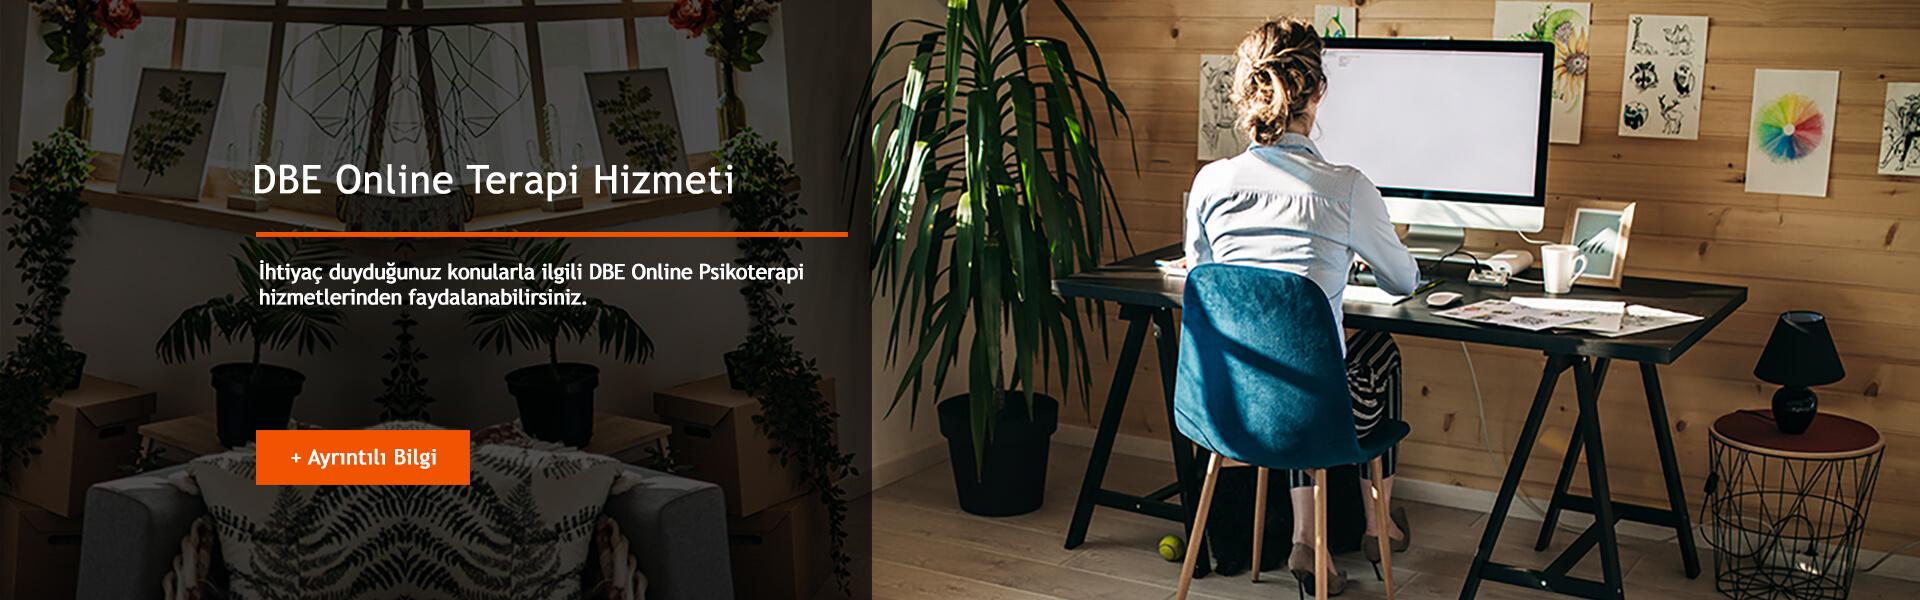 DBE Online Terapi Hizmetleri